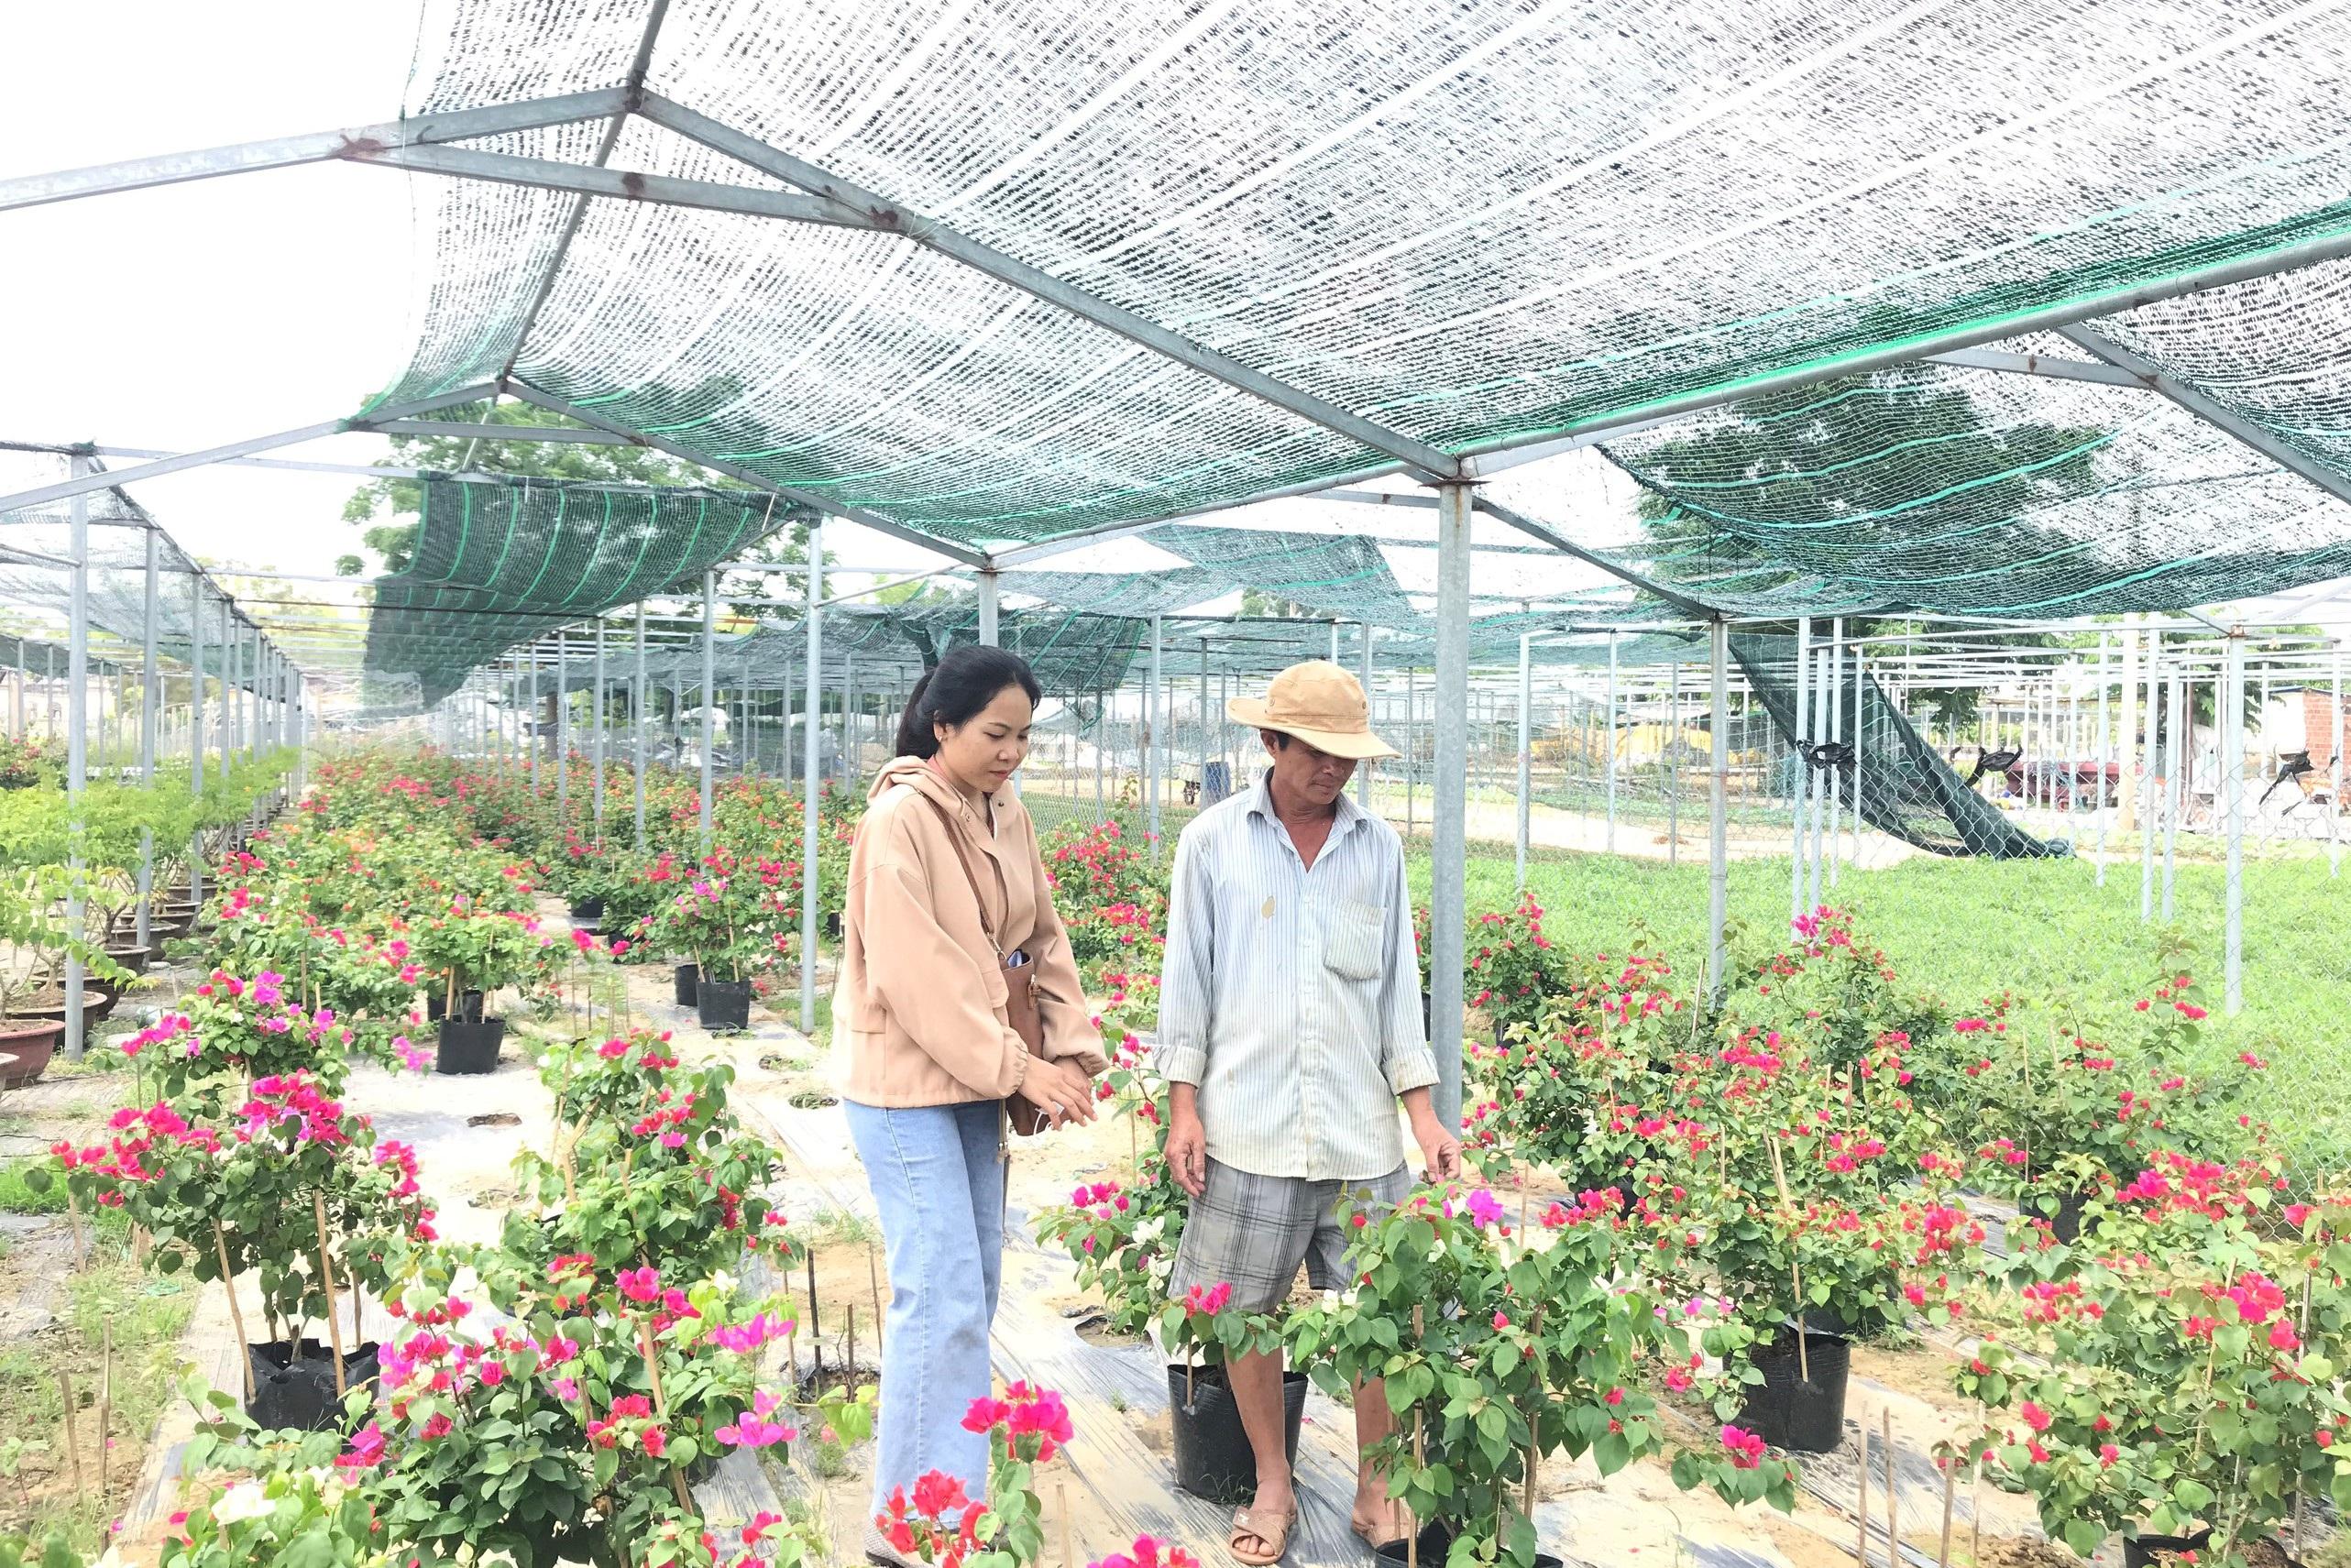 Bỏ phụ hồ về trồng hoa giấy, lão nông thu 500 triệu đồng mỗi năm - Ảnh 2.